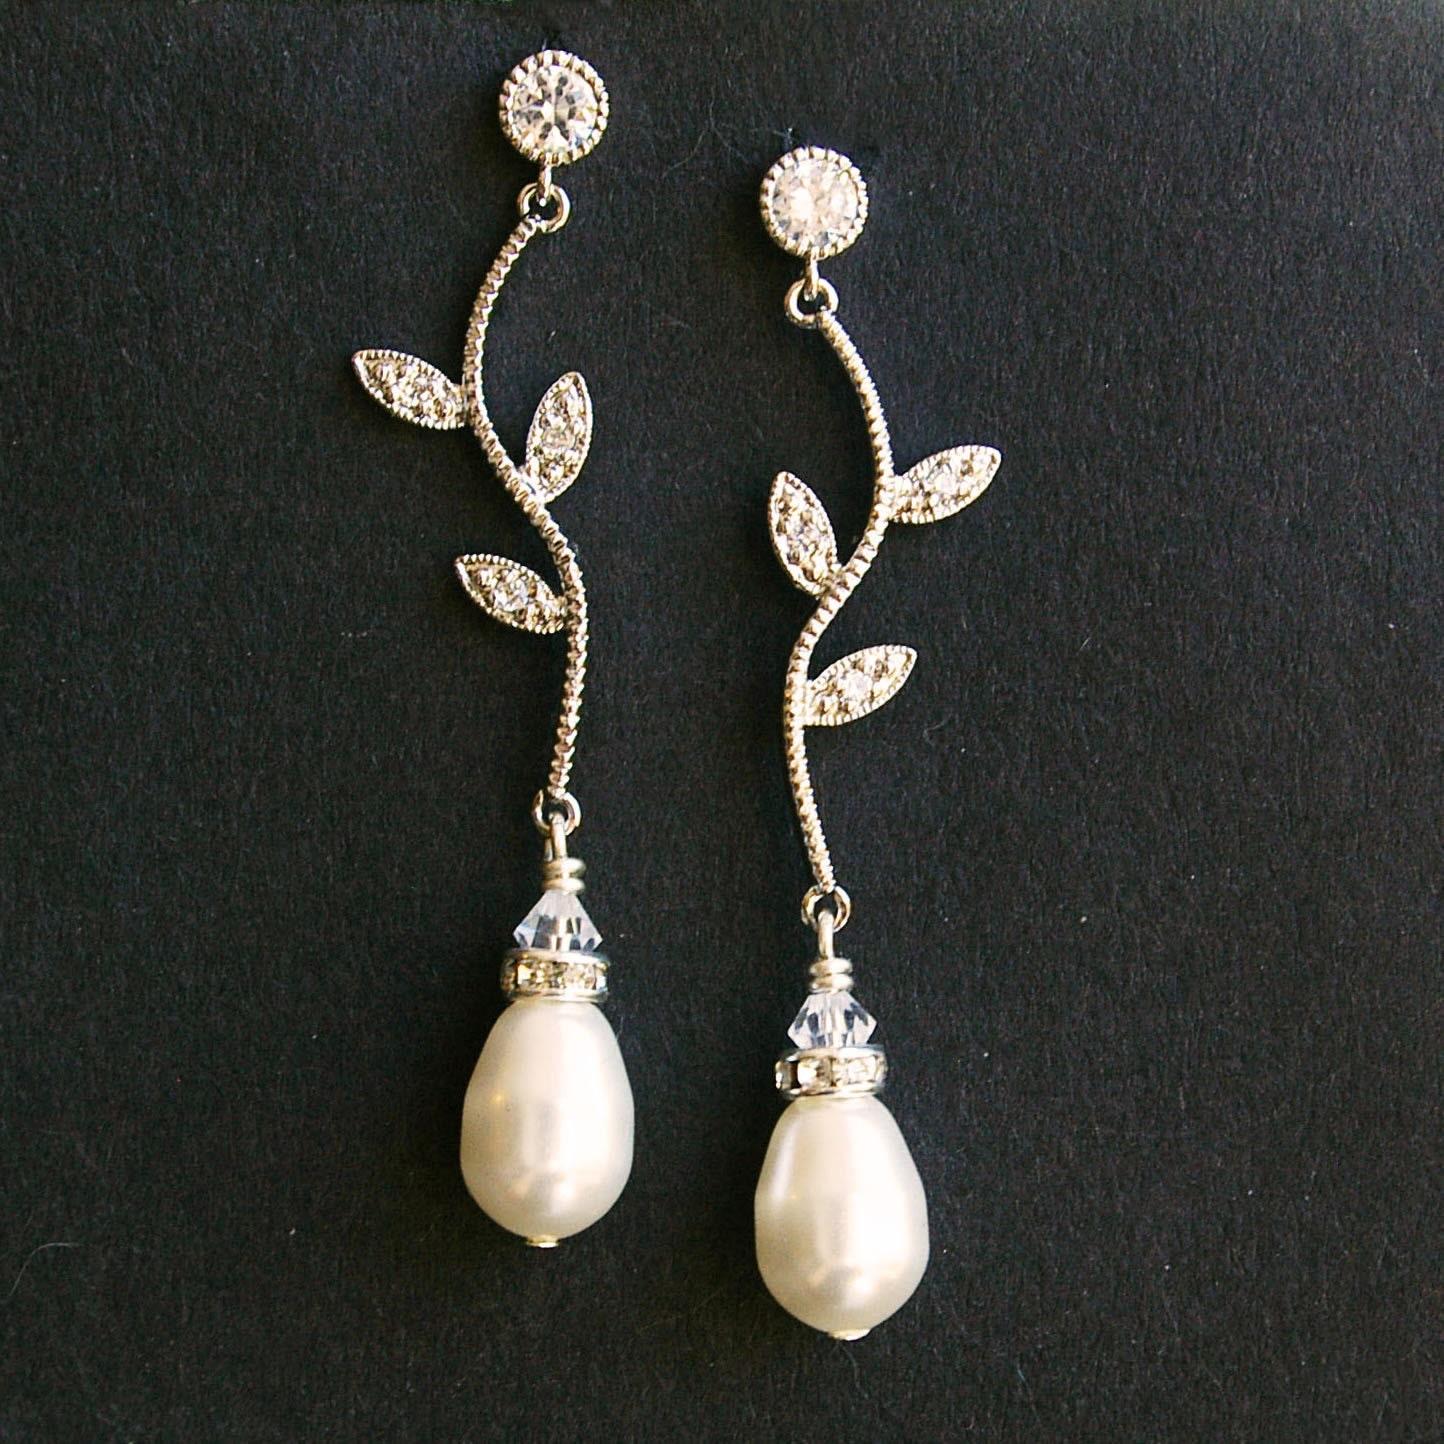 Rhinestone Leaf Bridal Earrings Vintage Inspired Bridal